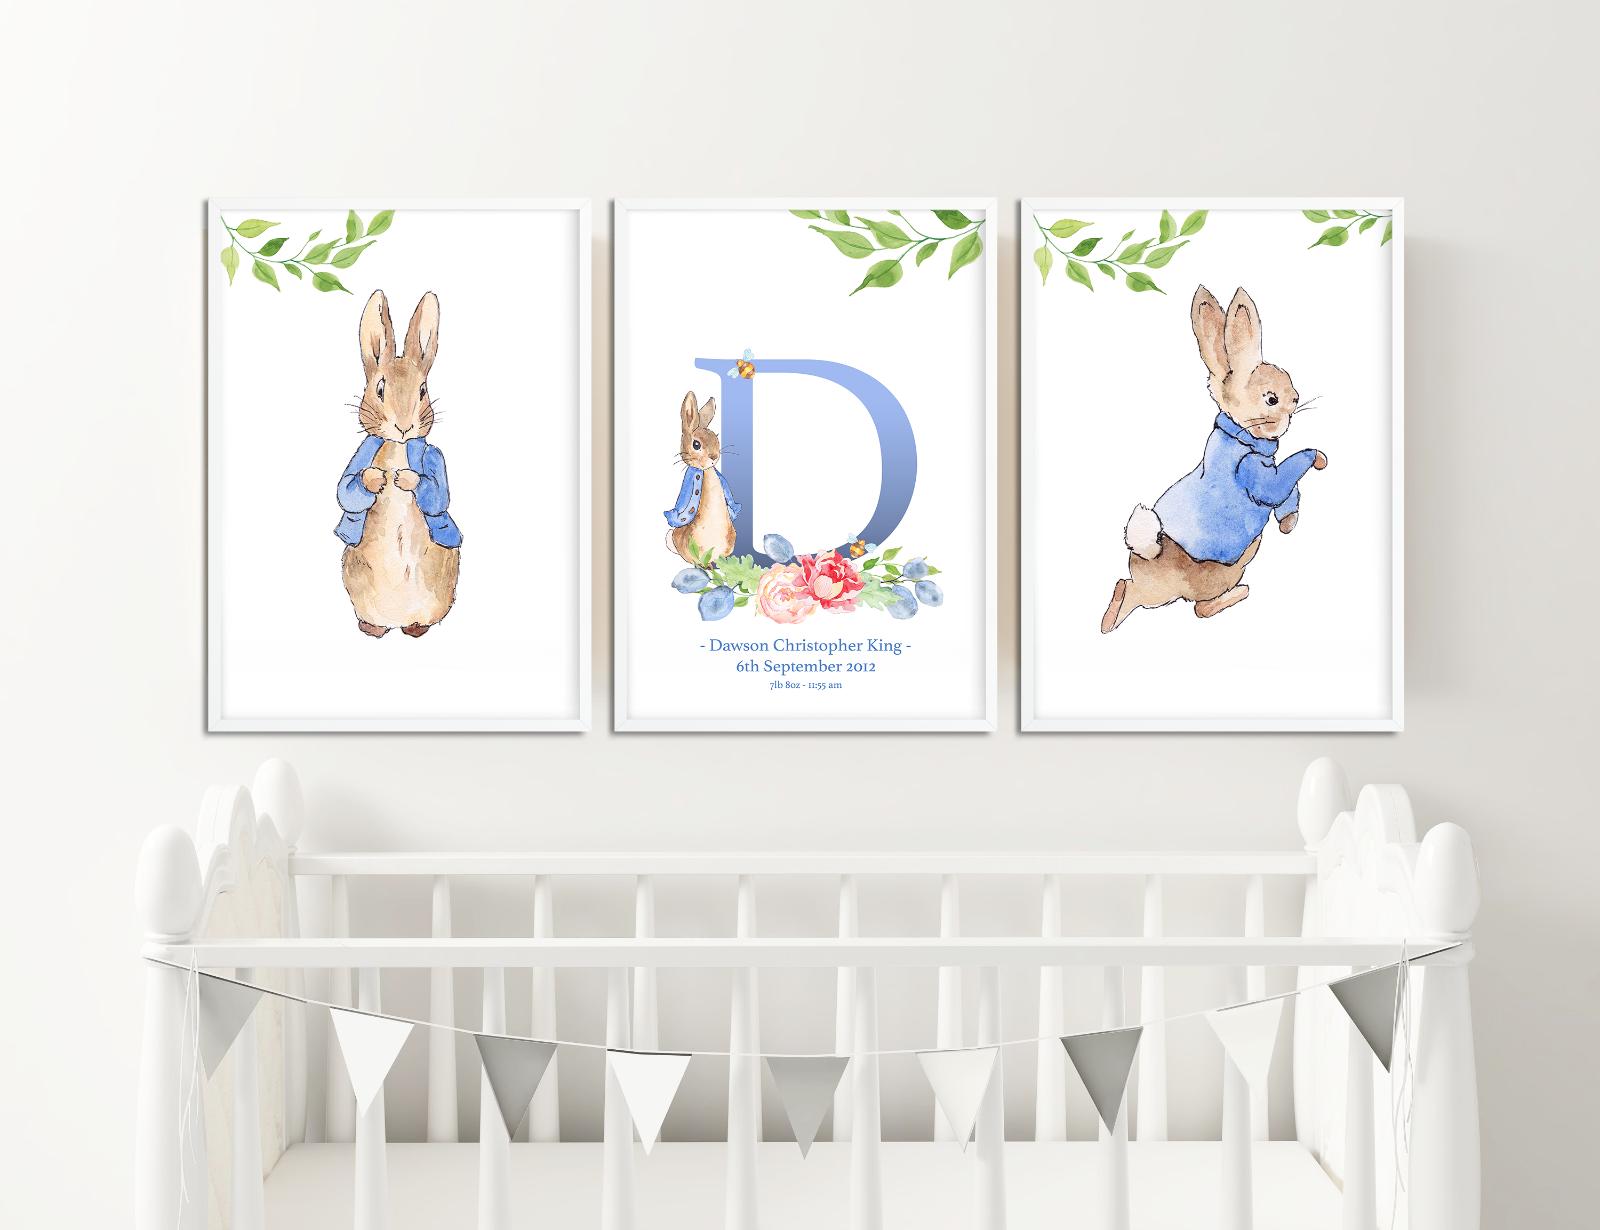 Personnalisé Neuf Bébé Peter Rabbit nom Naissance Bébé Imprimé baptême non encadrés